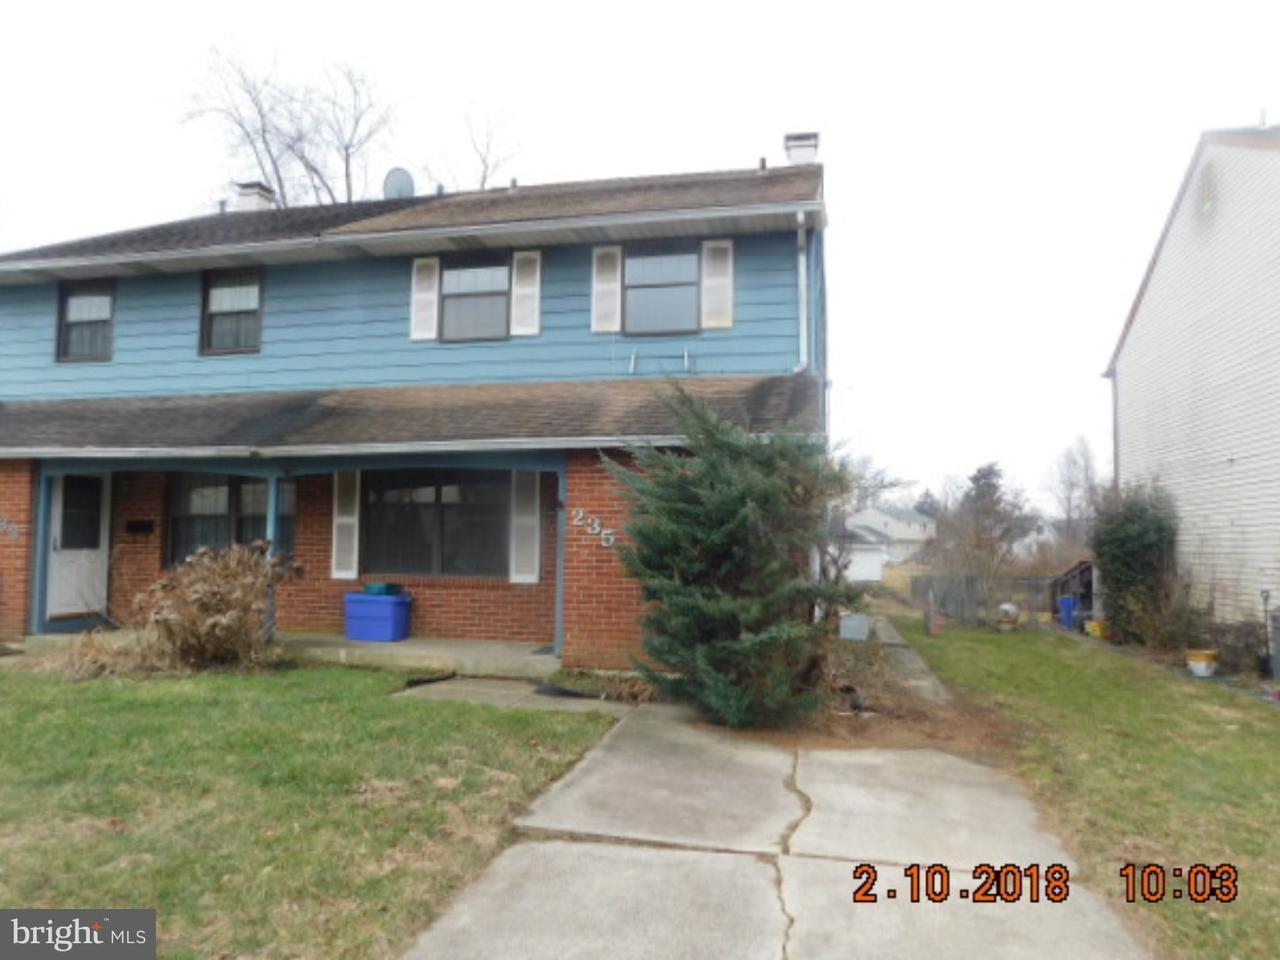 联栋屋 为 销售 在 235 LEONA Court Woodbury, 新泽西州 08096 美国